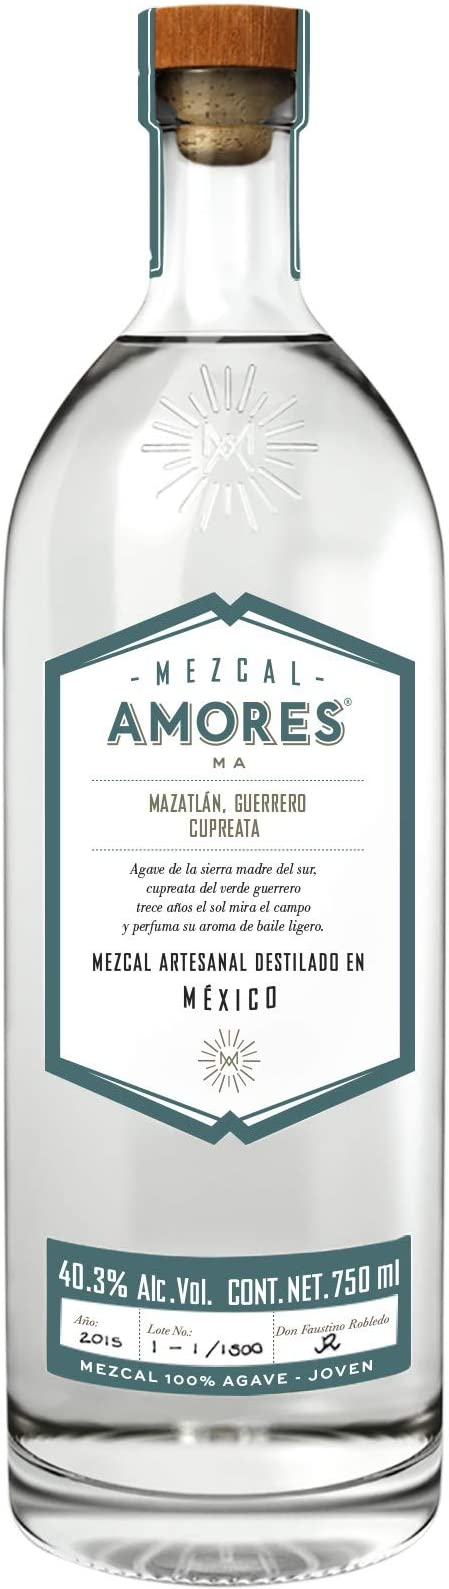 Mezcal Amores Mazatlan Guerrero Cupreata 70cl: Amazon.es: Alimentación y bebidas